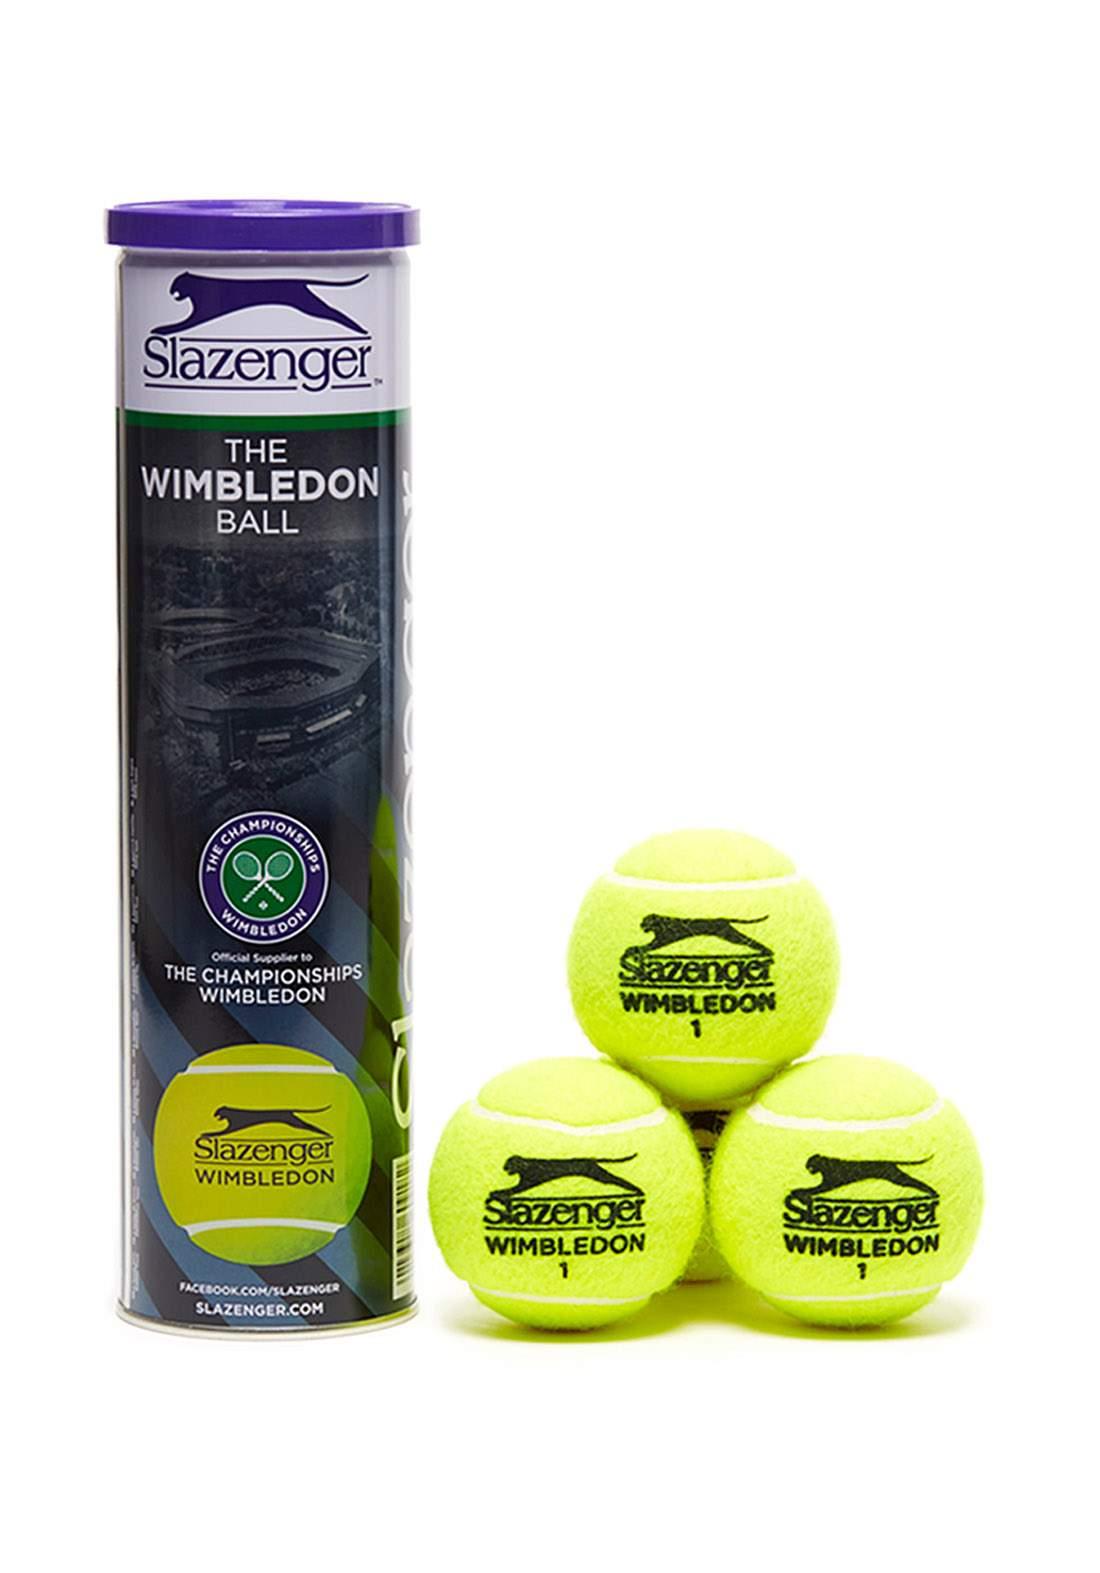 Slazenger Wimbledon Grasscourt Tennis Balls 4-ballكرات التنس